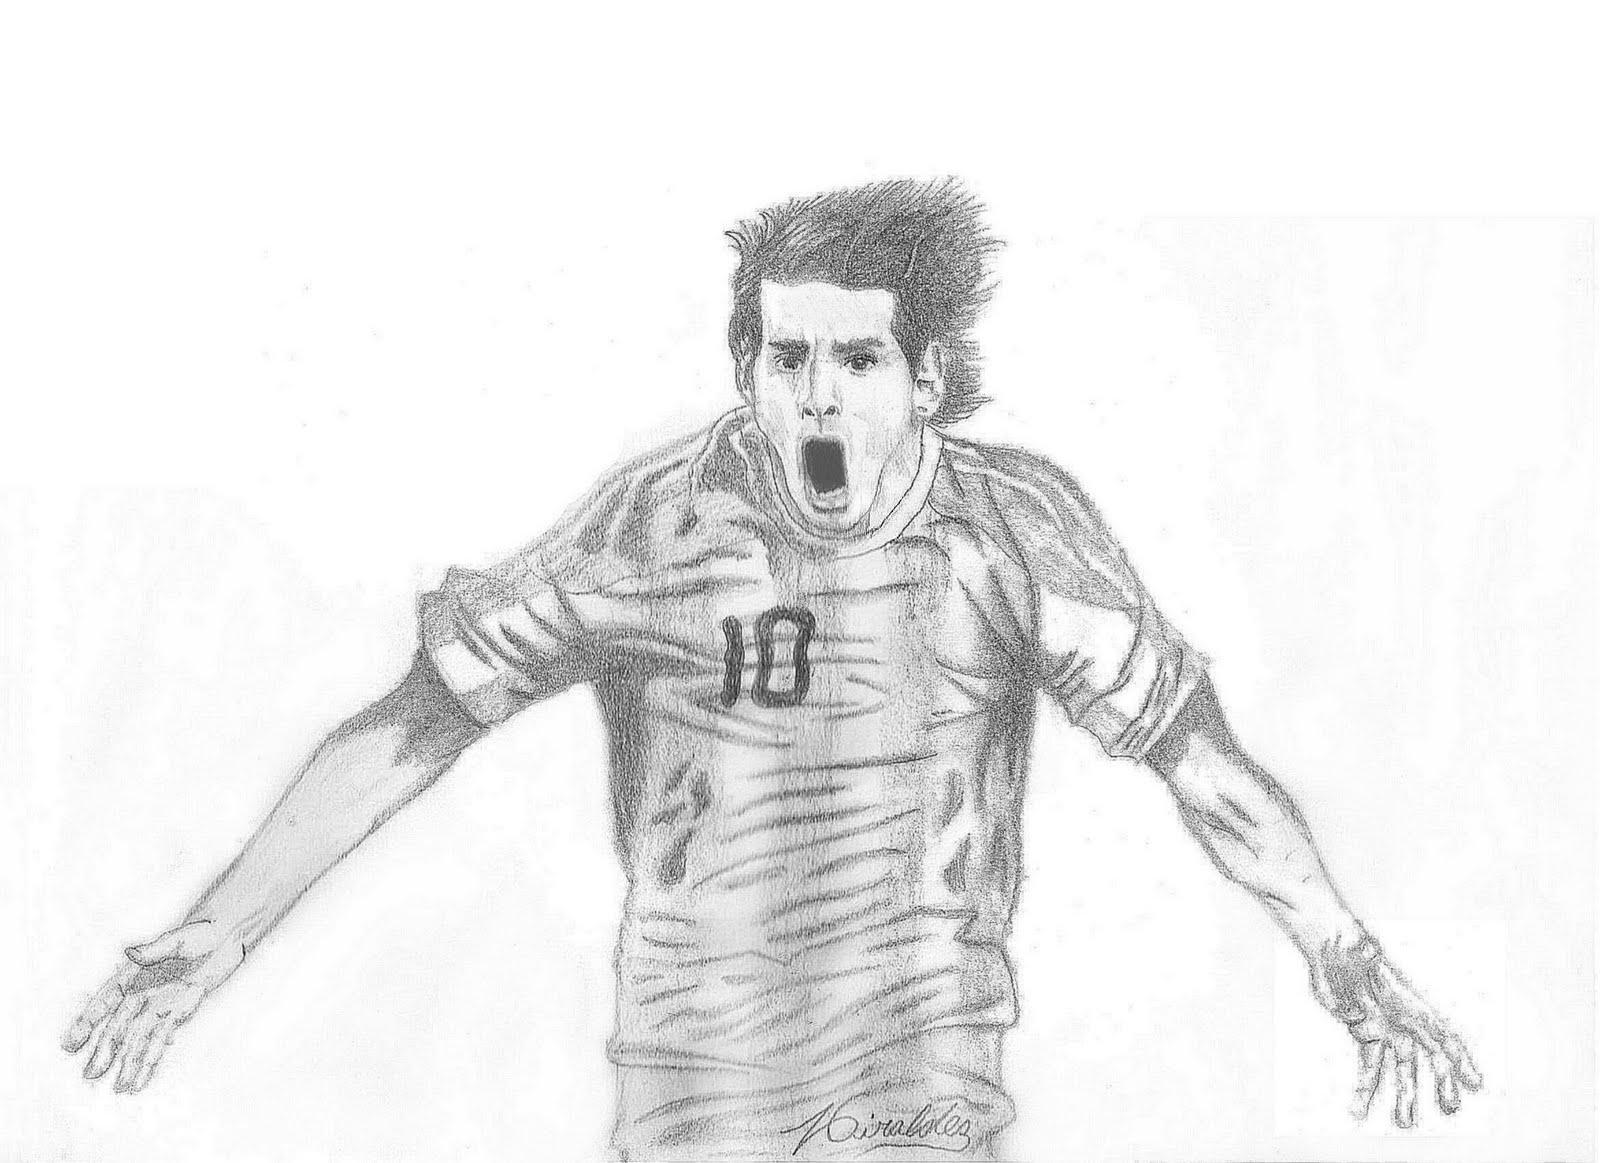 Luciano Giraldez Dibujos junio 2010